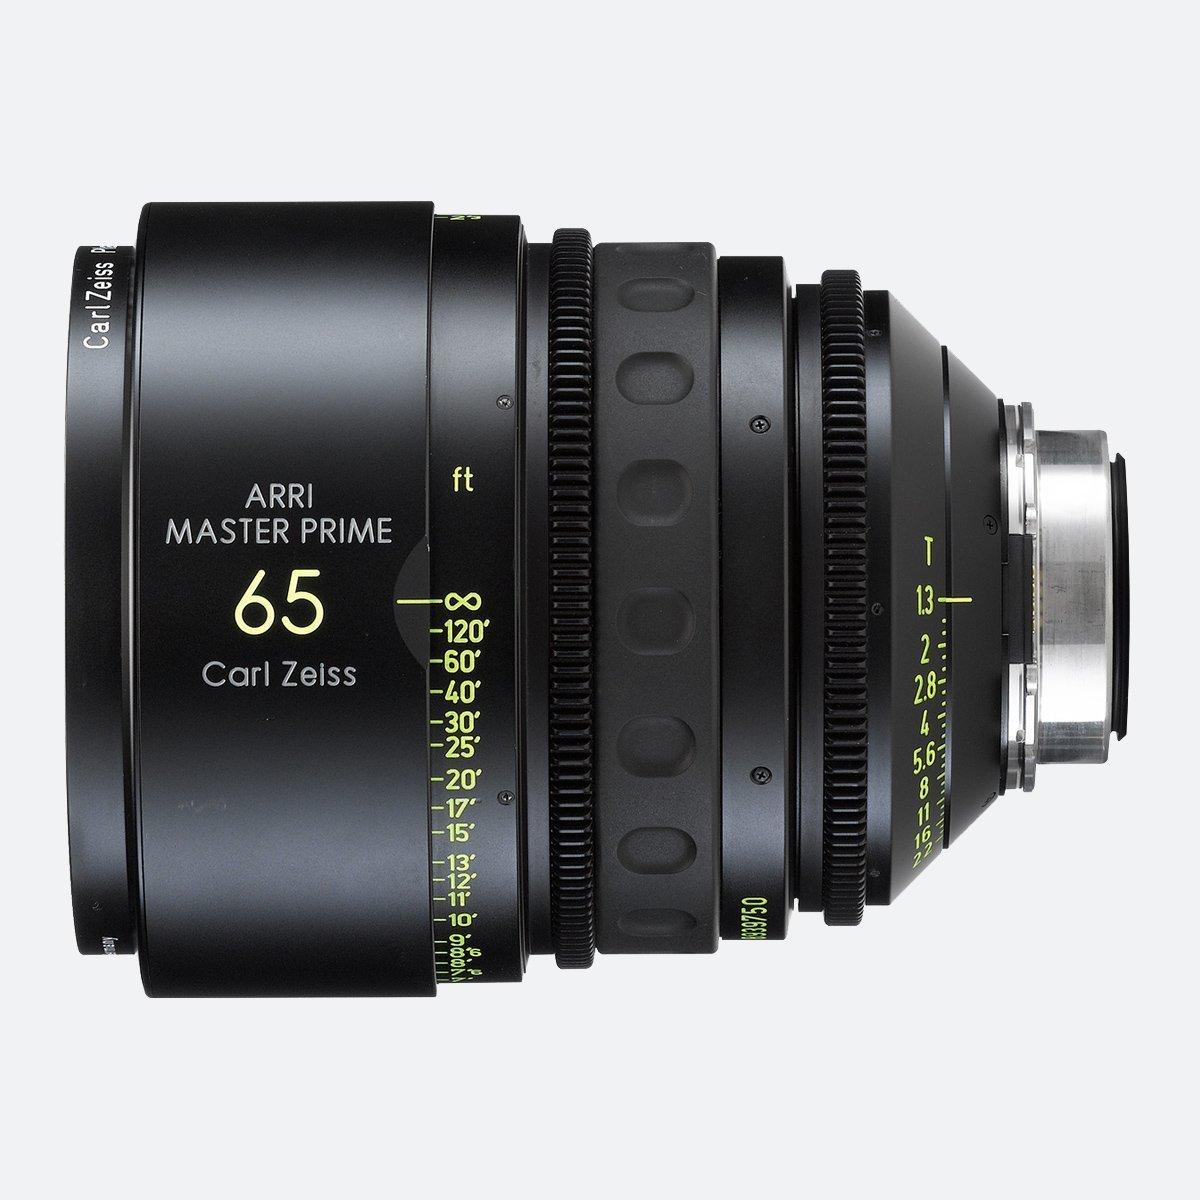 ARRI 65mm T1.3 Master Prime Lens